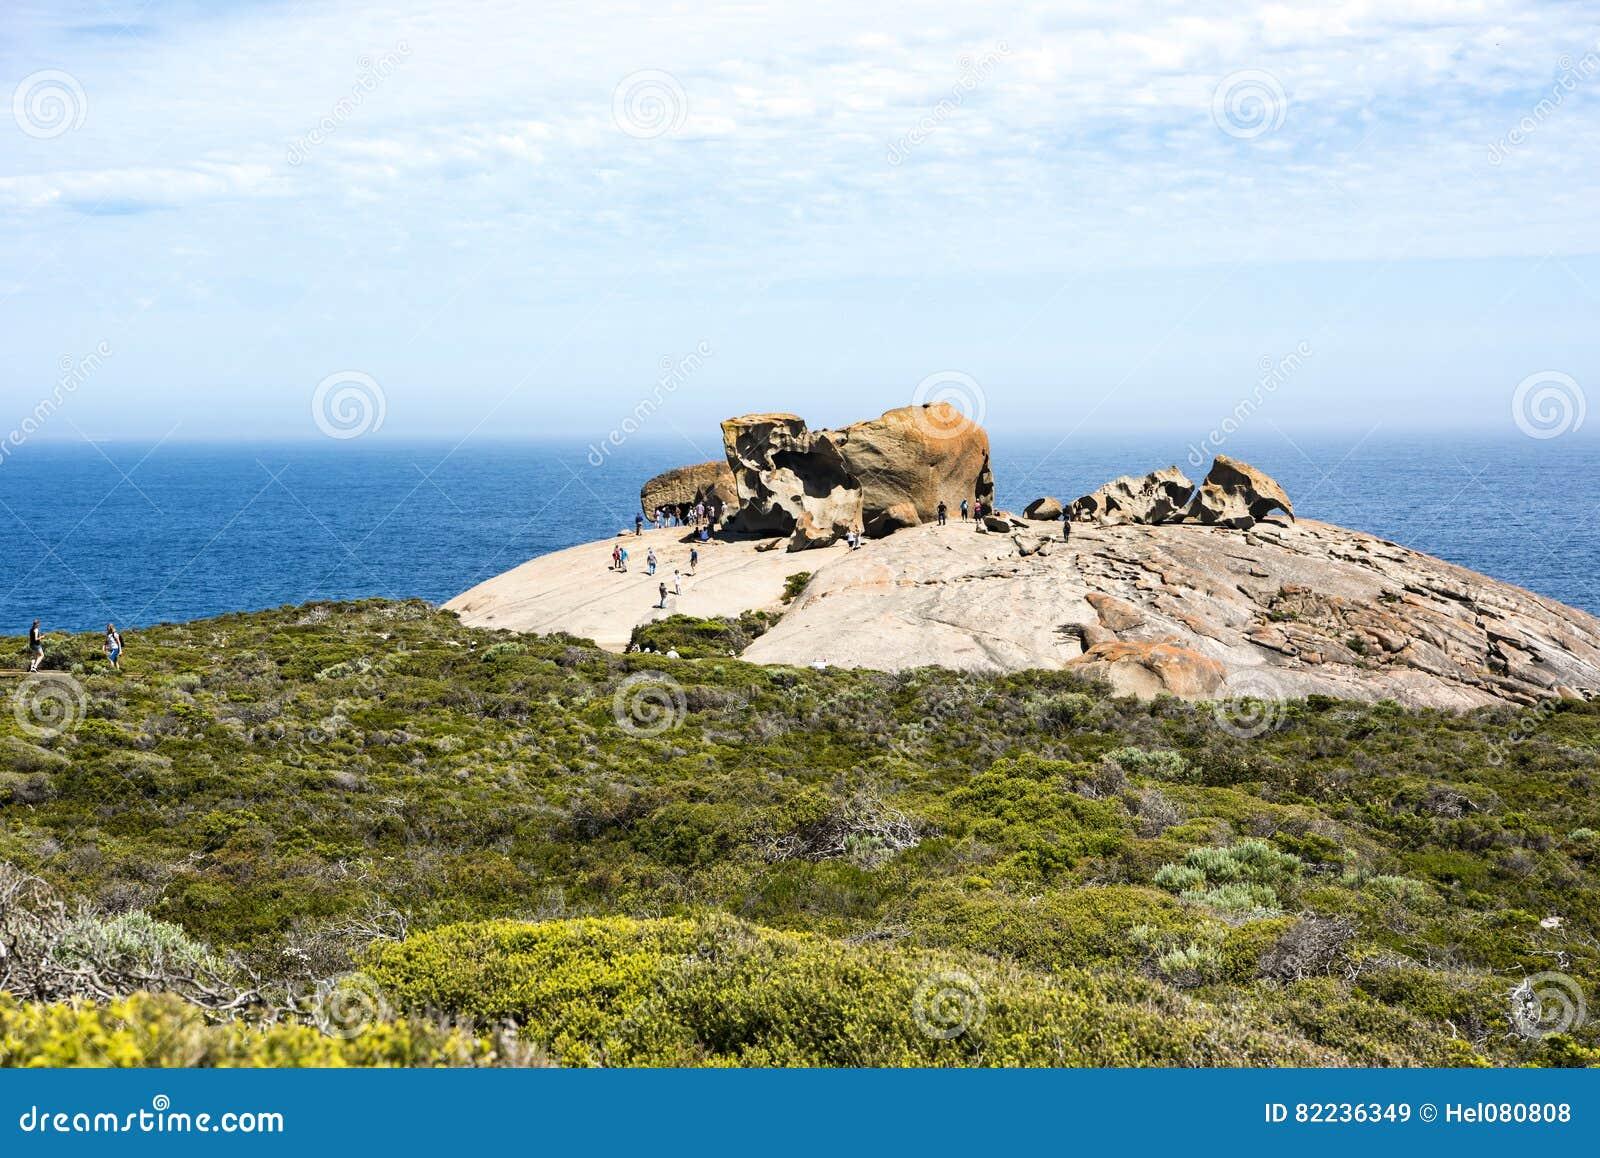 Αξιοπρόσεκτο νησί καγκουρό βράχων, Αυστραλία